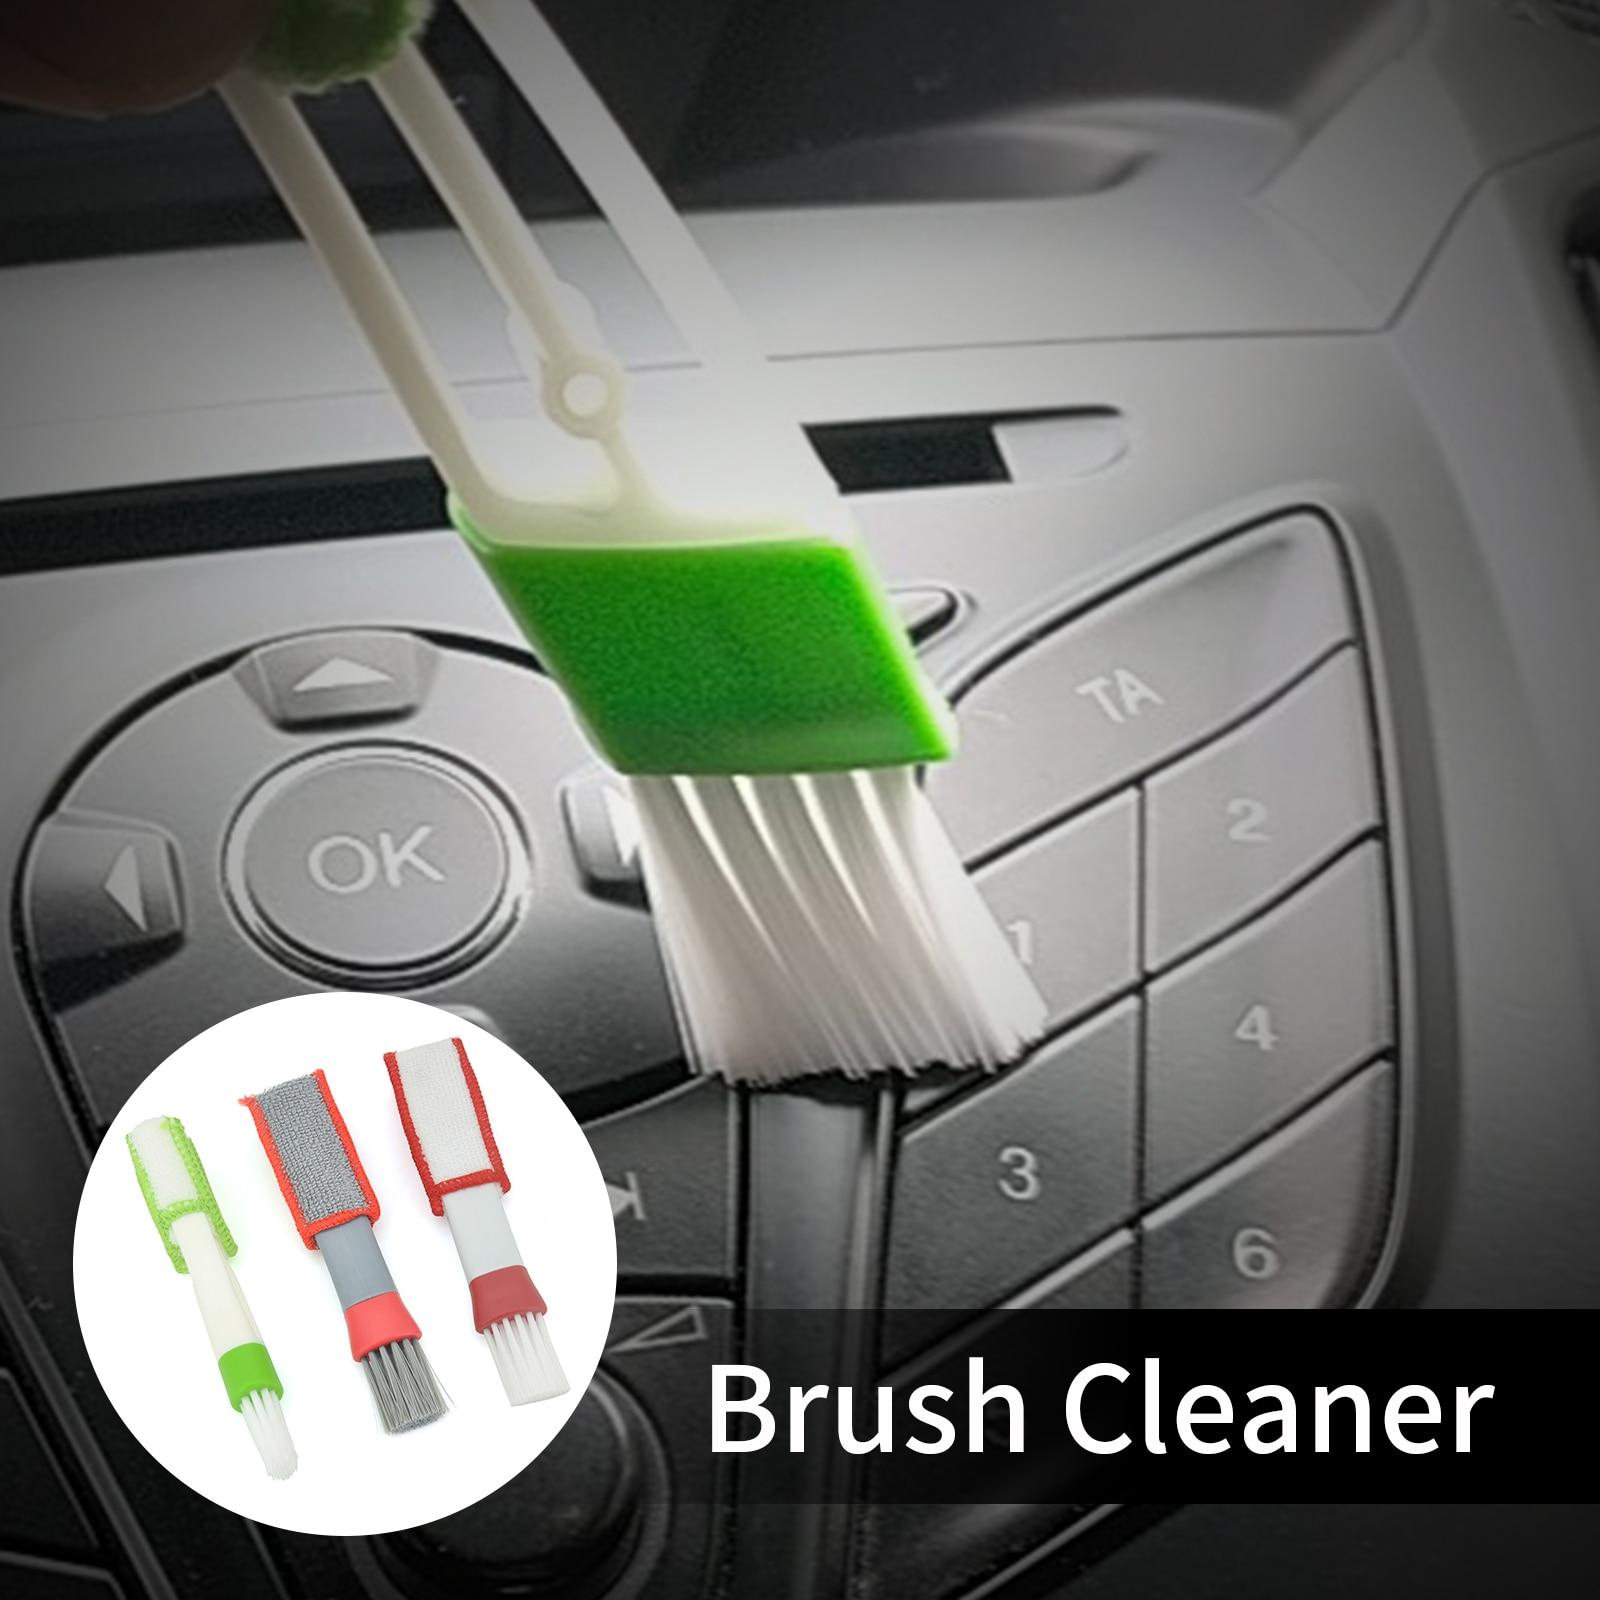 Щетка для вентиляционного отверстия автомобильного кондиционера, очиститель решетки из микрофибры, детали, щетка для штор, щетка для тюнин...